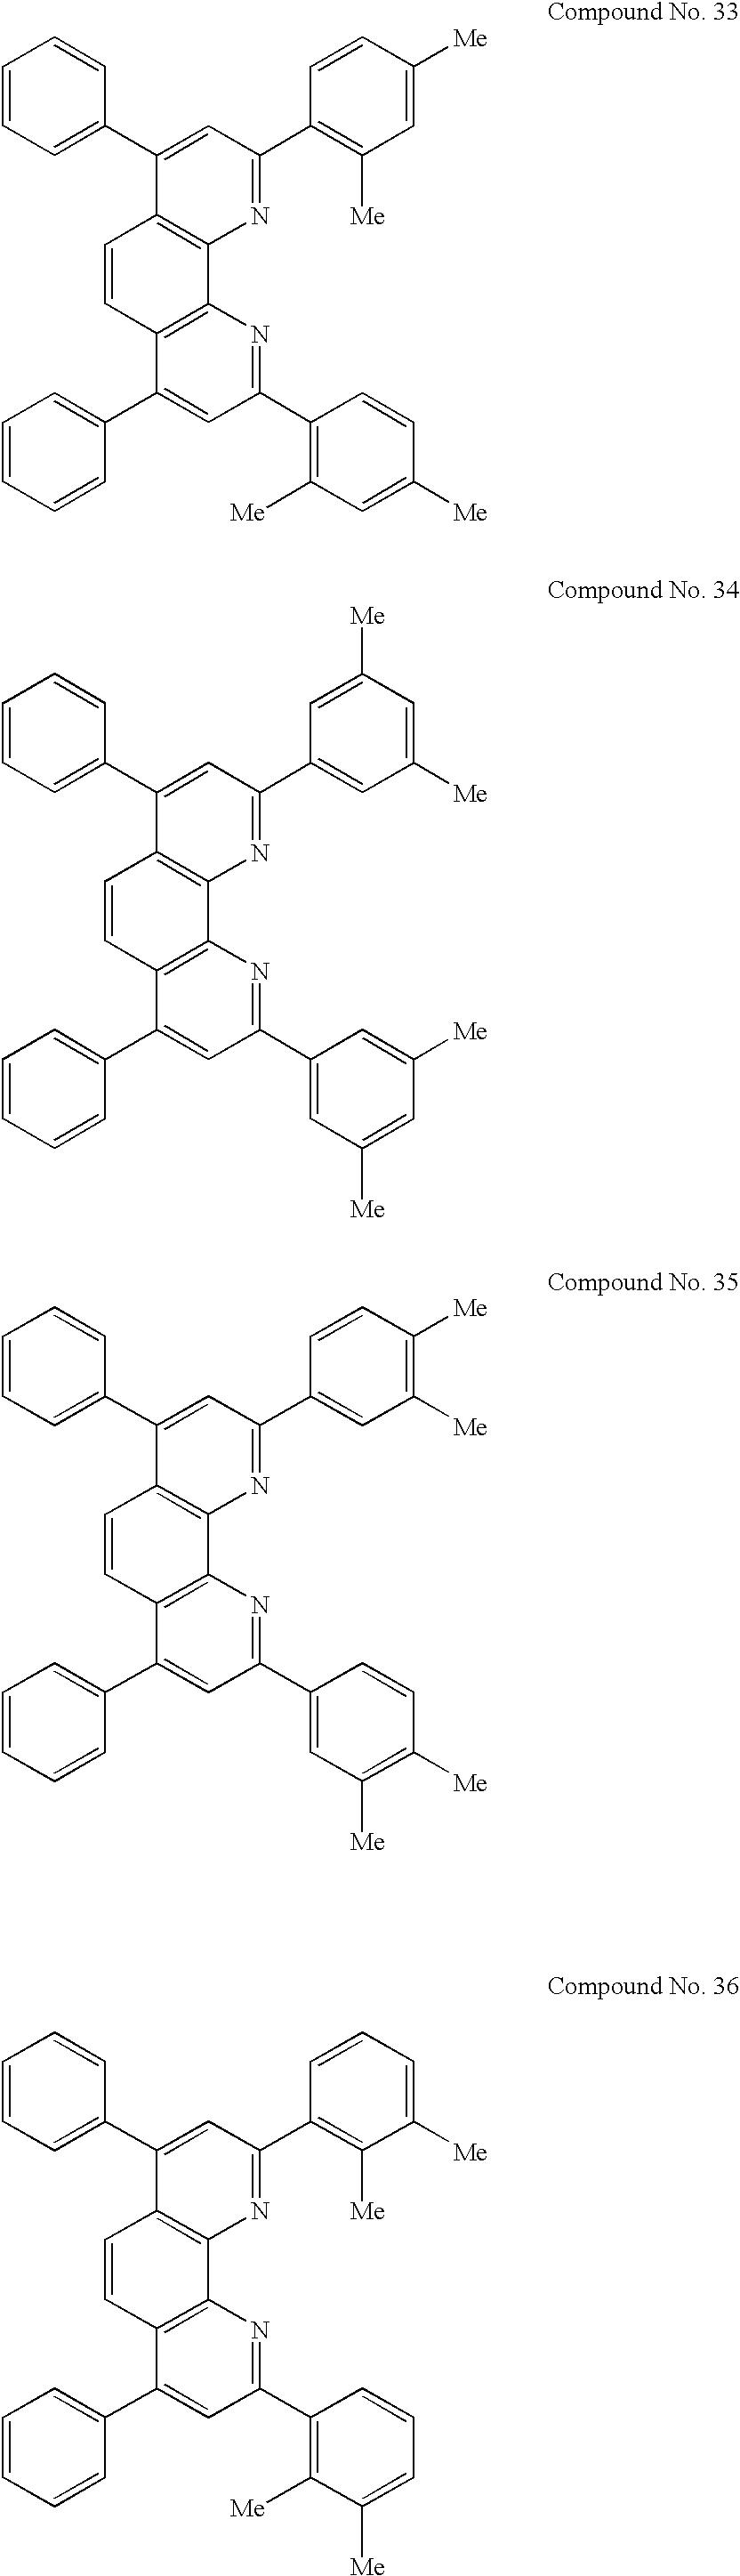 Figure US06524728-20030225-C00011